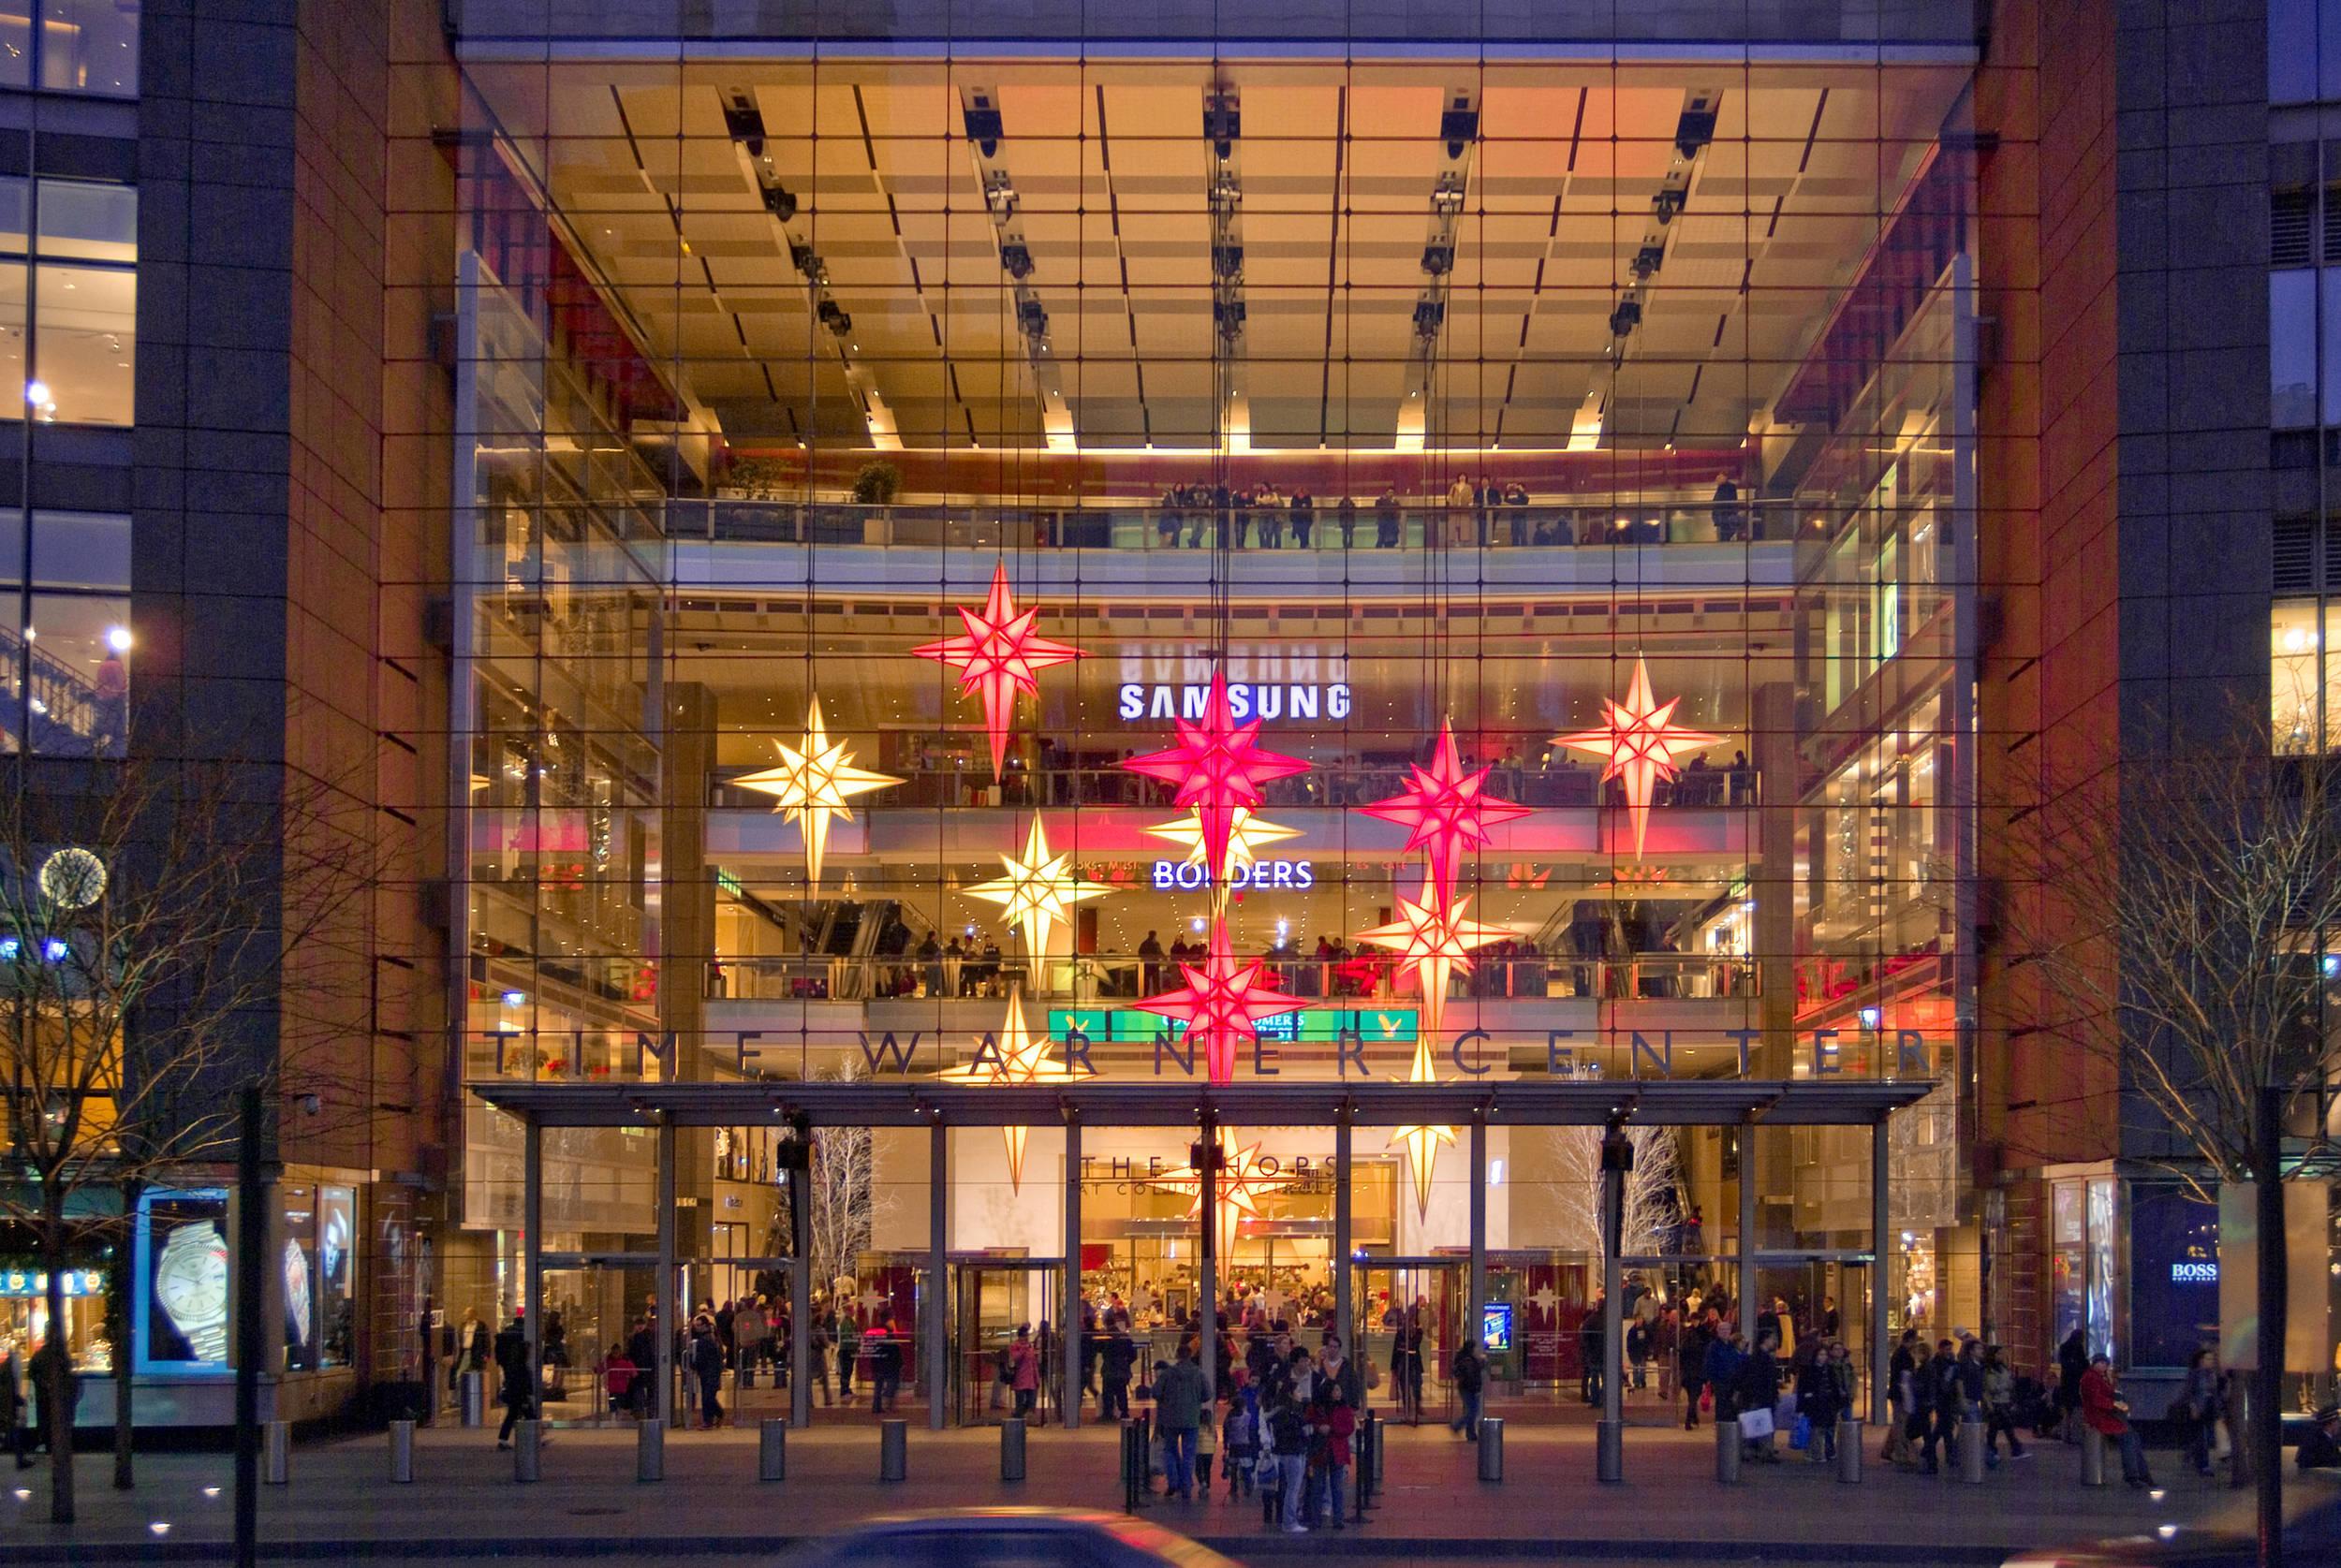 Time Warner Shopping Center